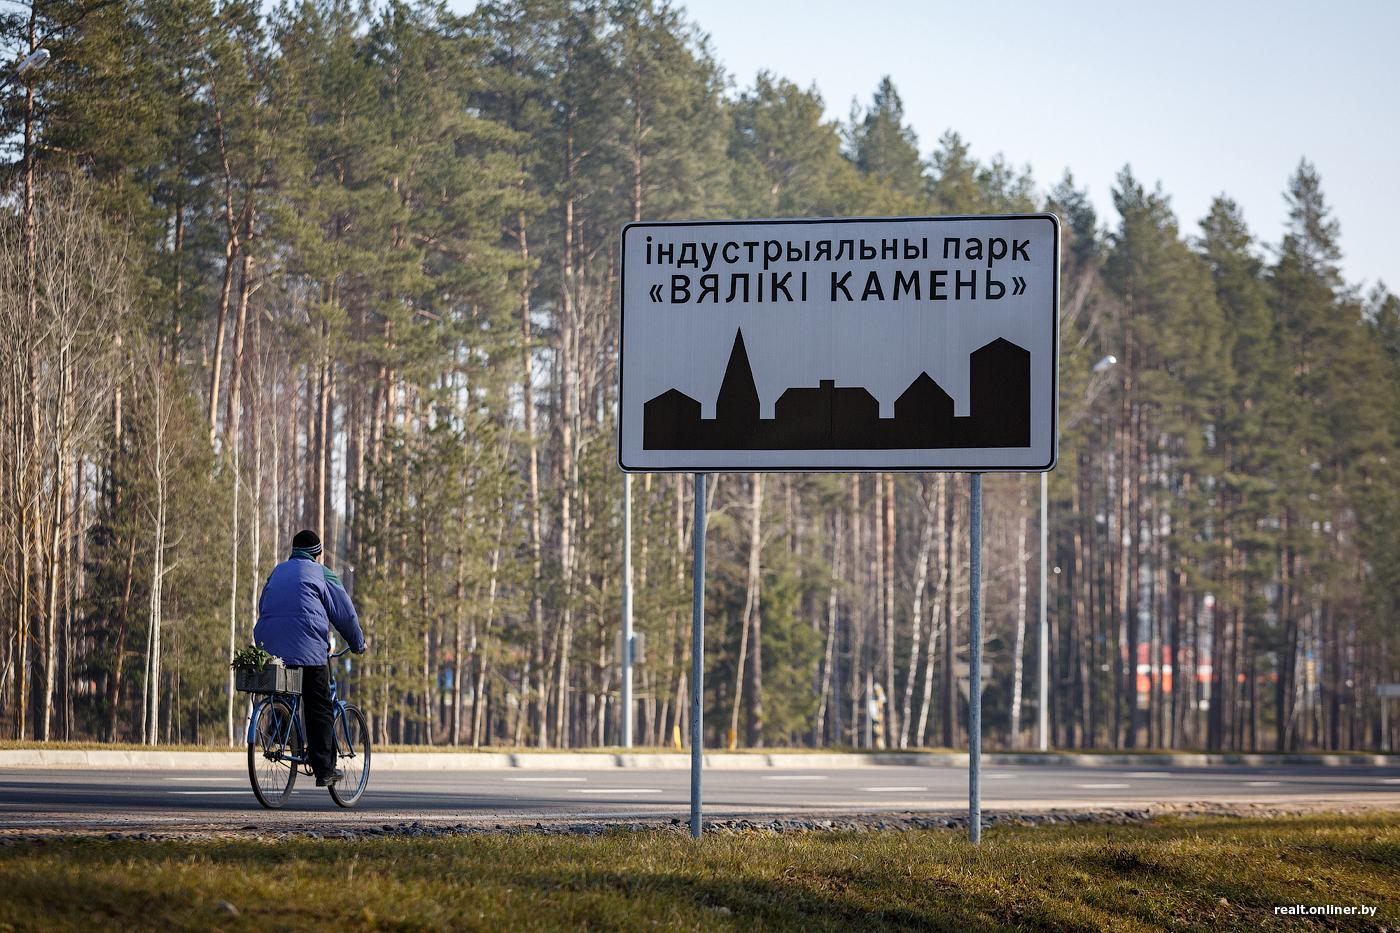 Гройсман сегодня посетит Николаевскую область - Цензор.НЕТ 2441